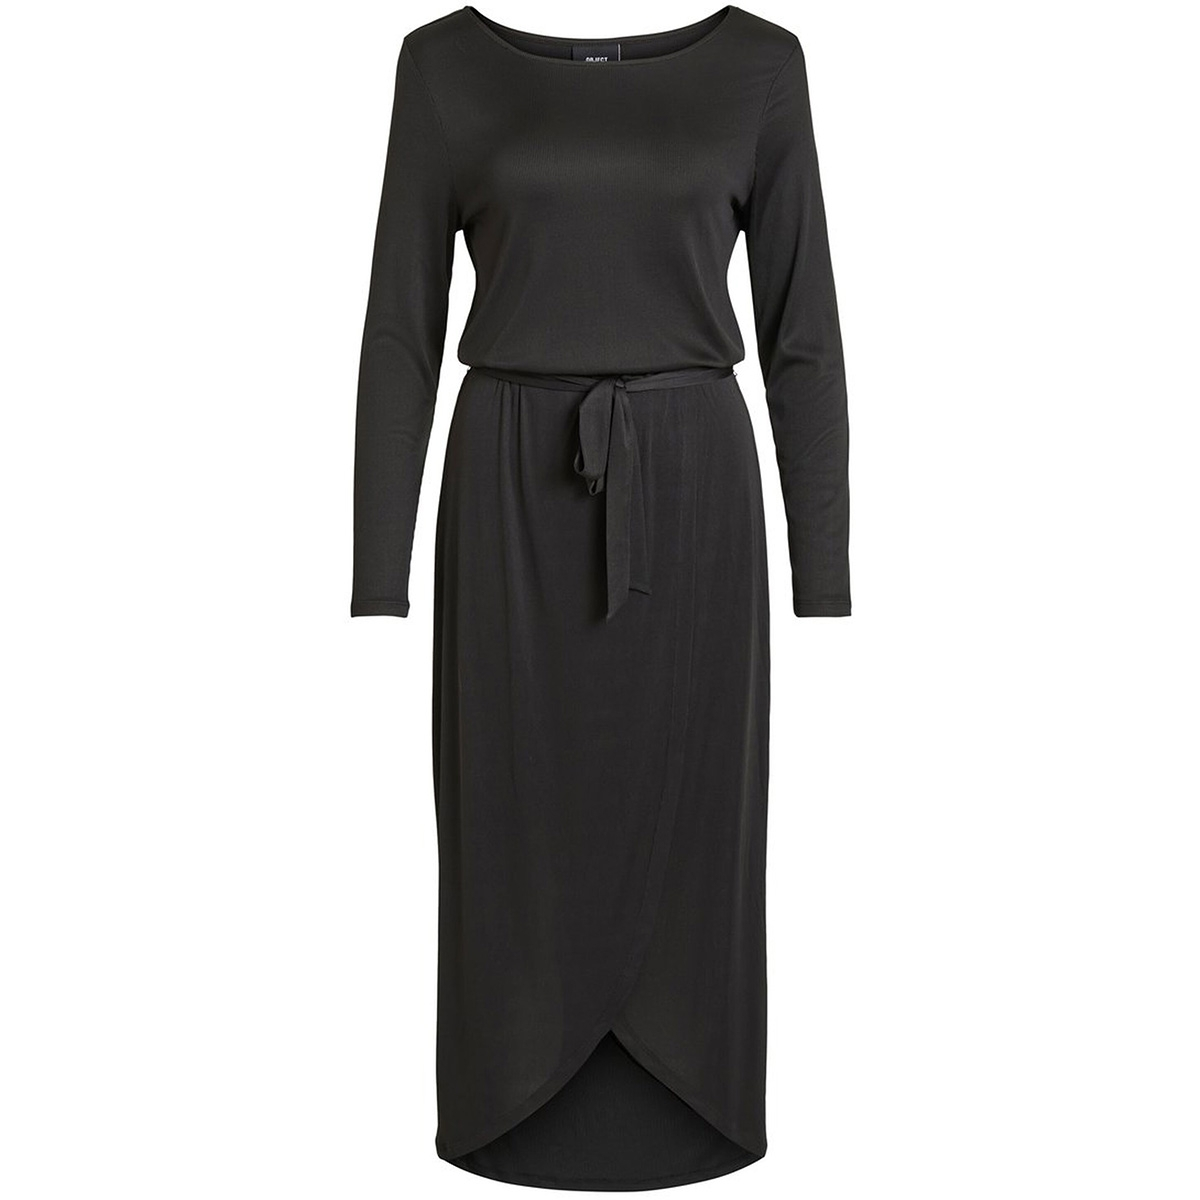 objarzana l/s nadia dress a wi 23032584 object jurk black